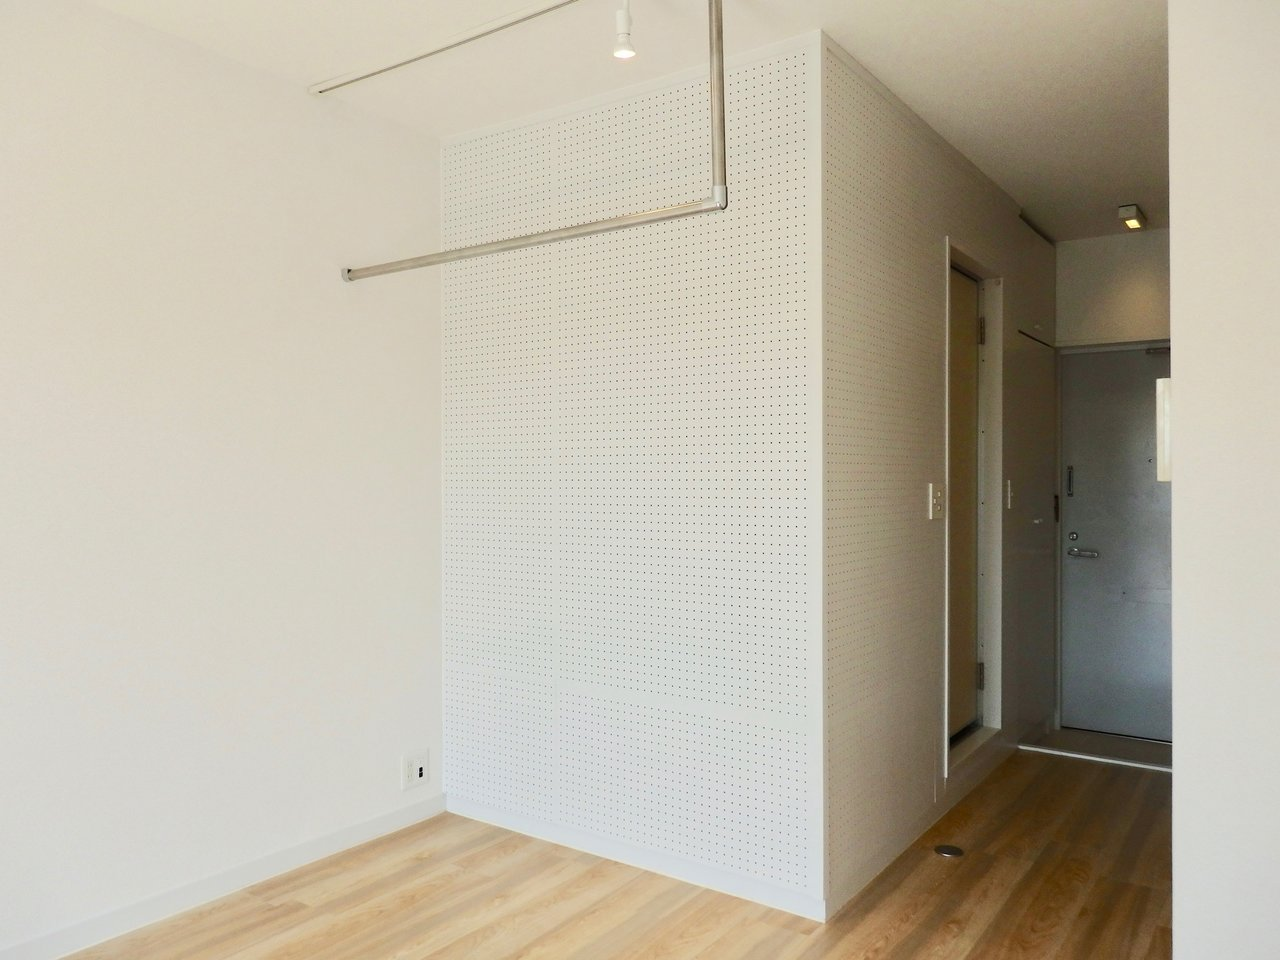 オープン収納になっているスペースは、壁が一面有孔ボードになっています。入れたい物に合わせて、自由自在に棚を作りましょう。